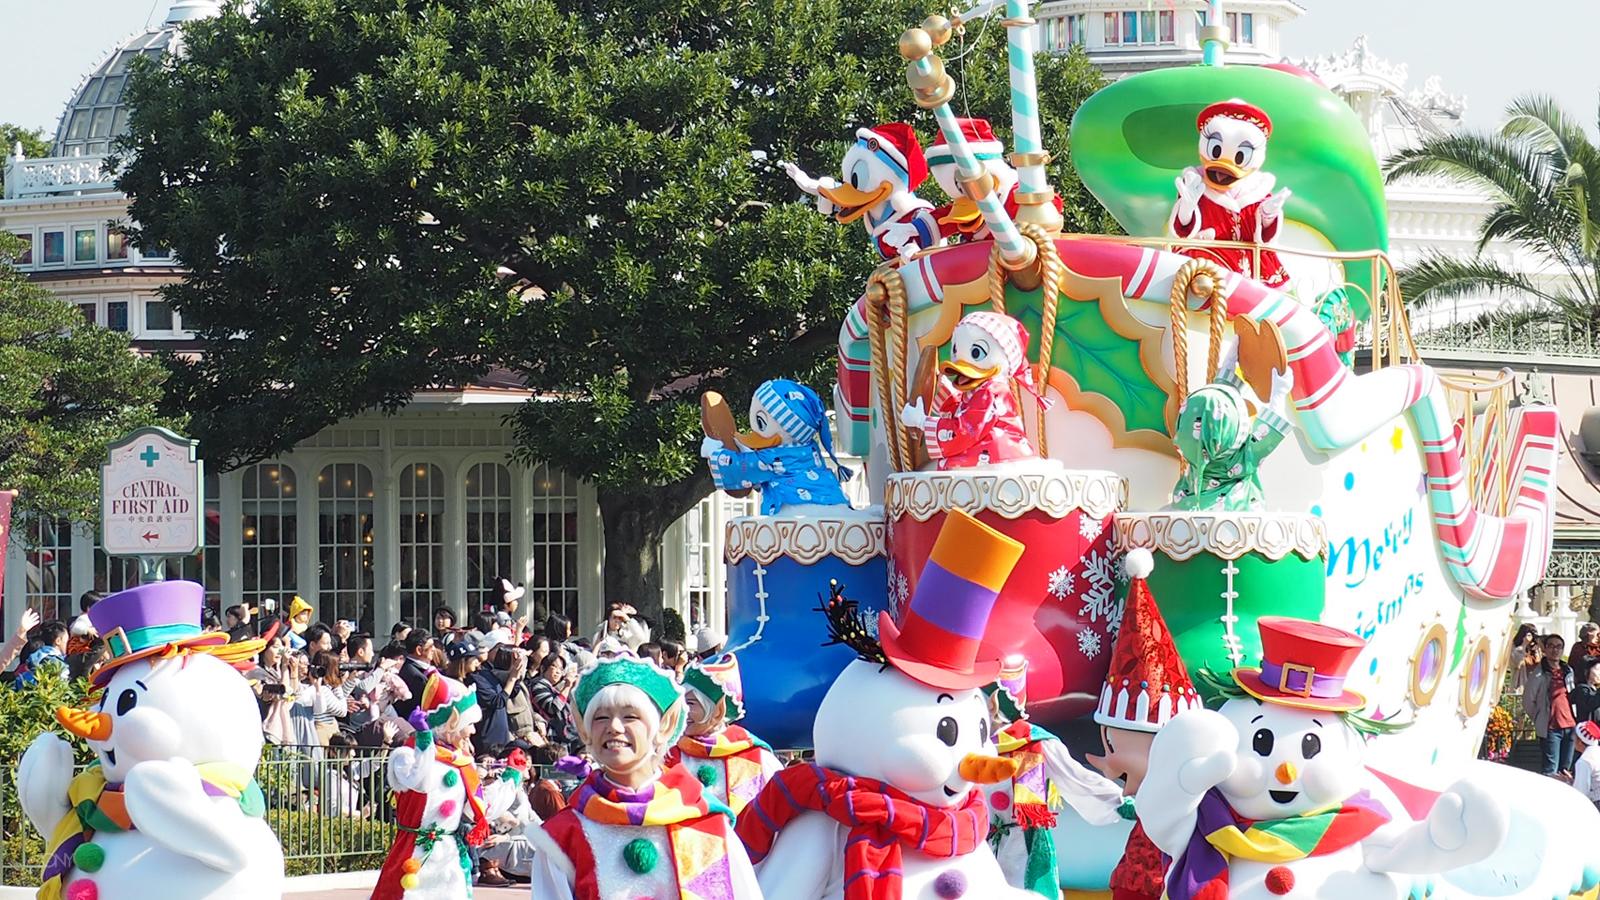 東京ディズニーランドでクリスマス・ファンタジーを楽しむならこの